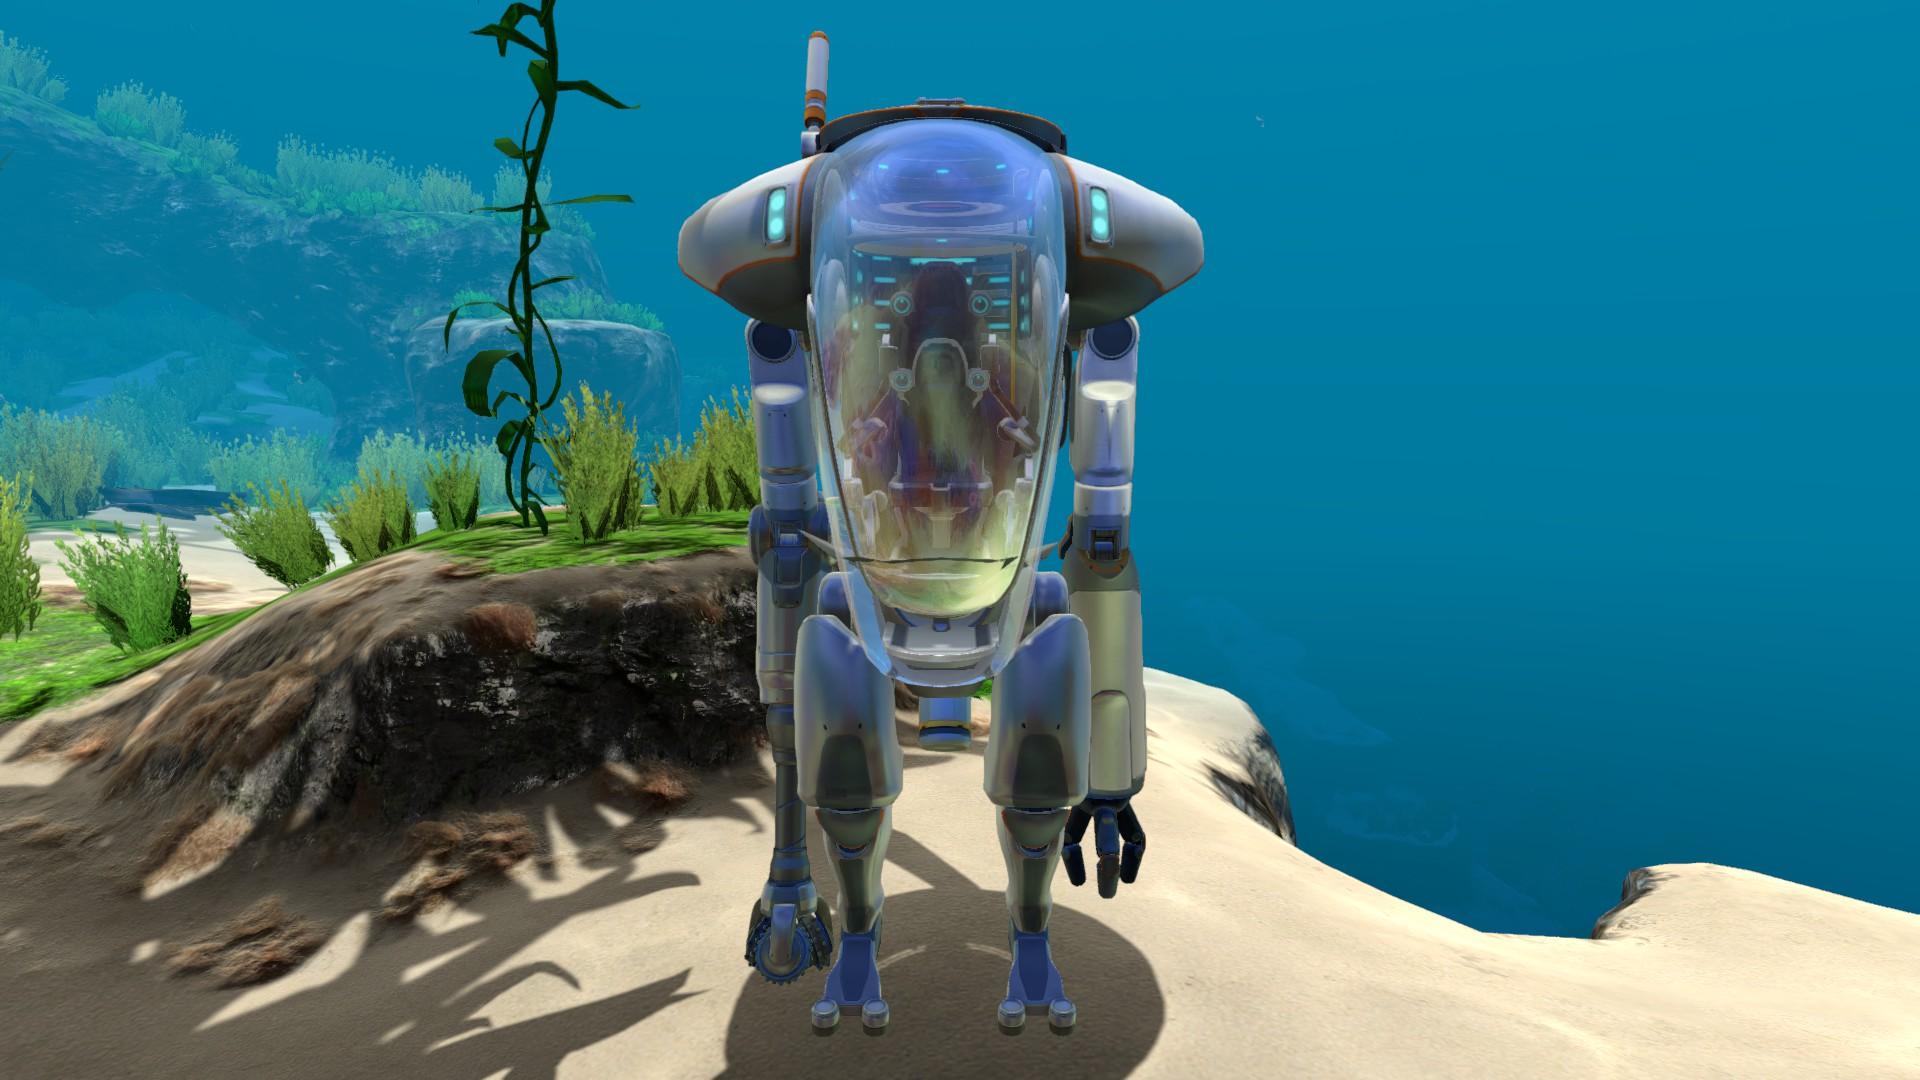 Image exosuit 1g subnautica wiki fandom powered by wikia exosuit 1g malvernweather Images